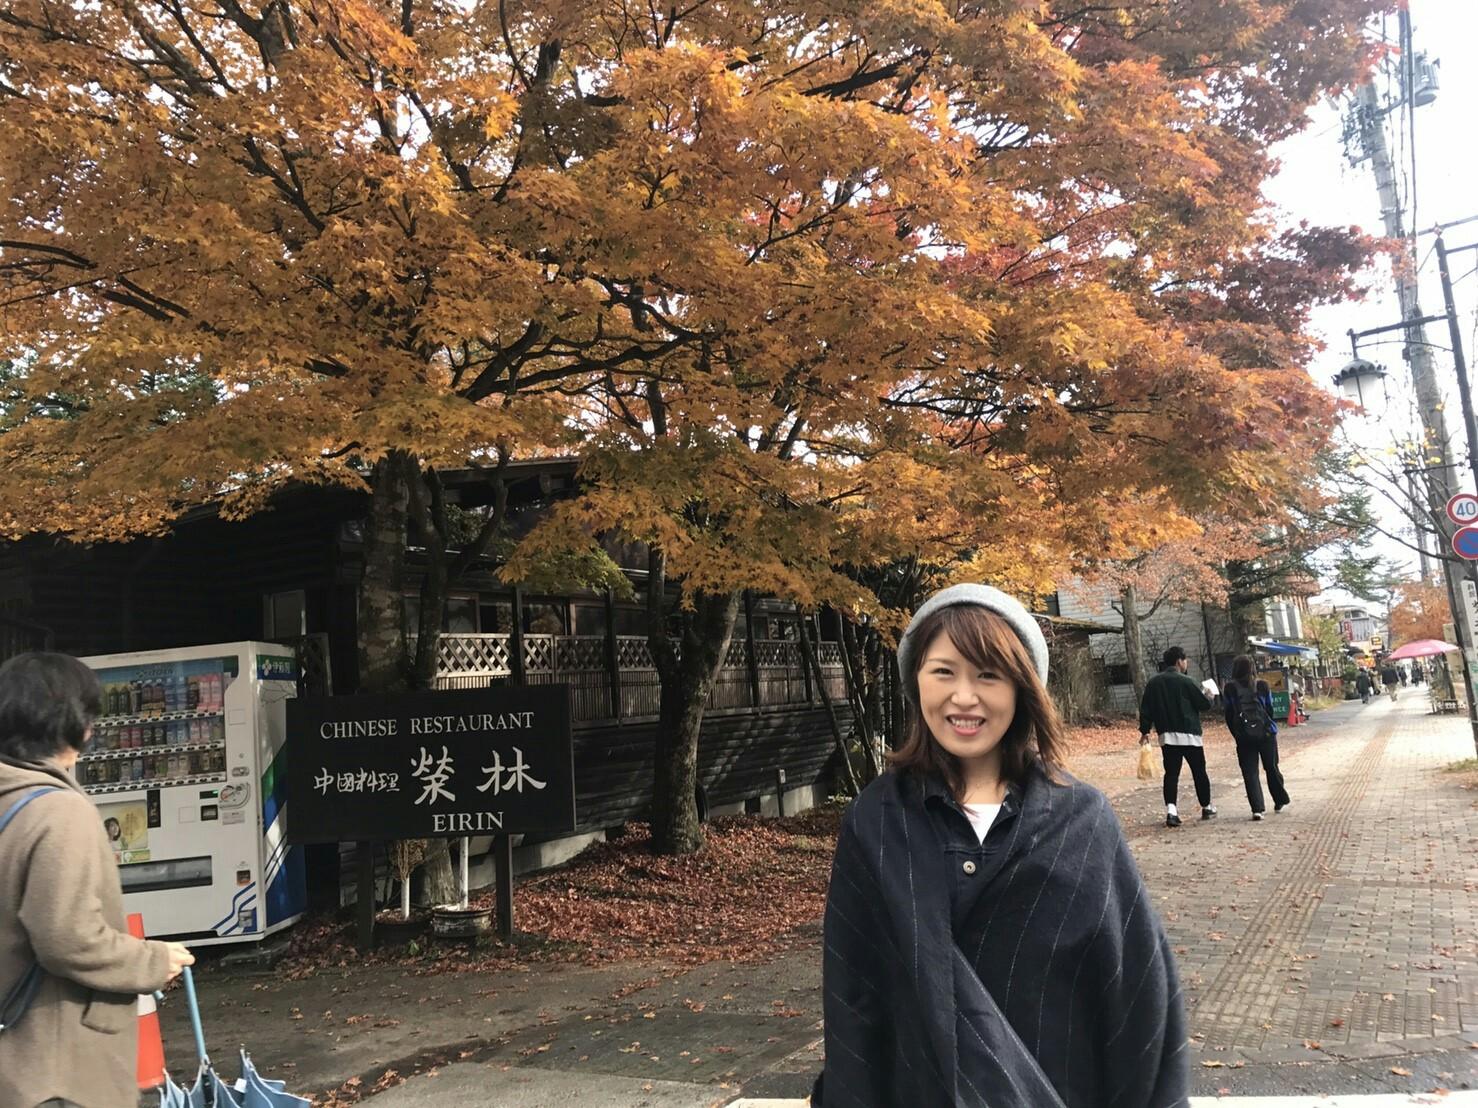 f:id:shiika-0620:20171106155356j:plain